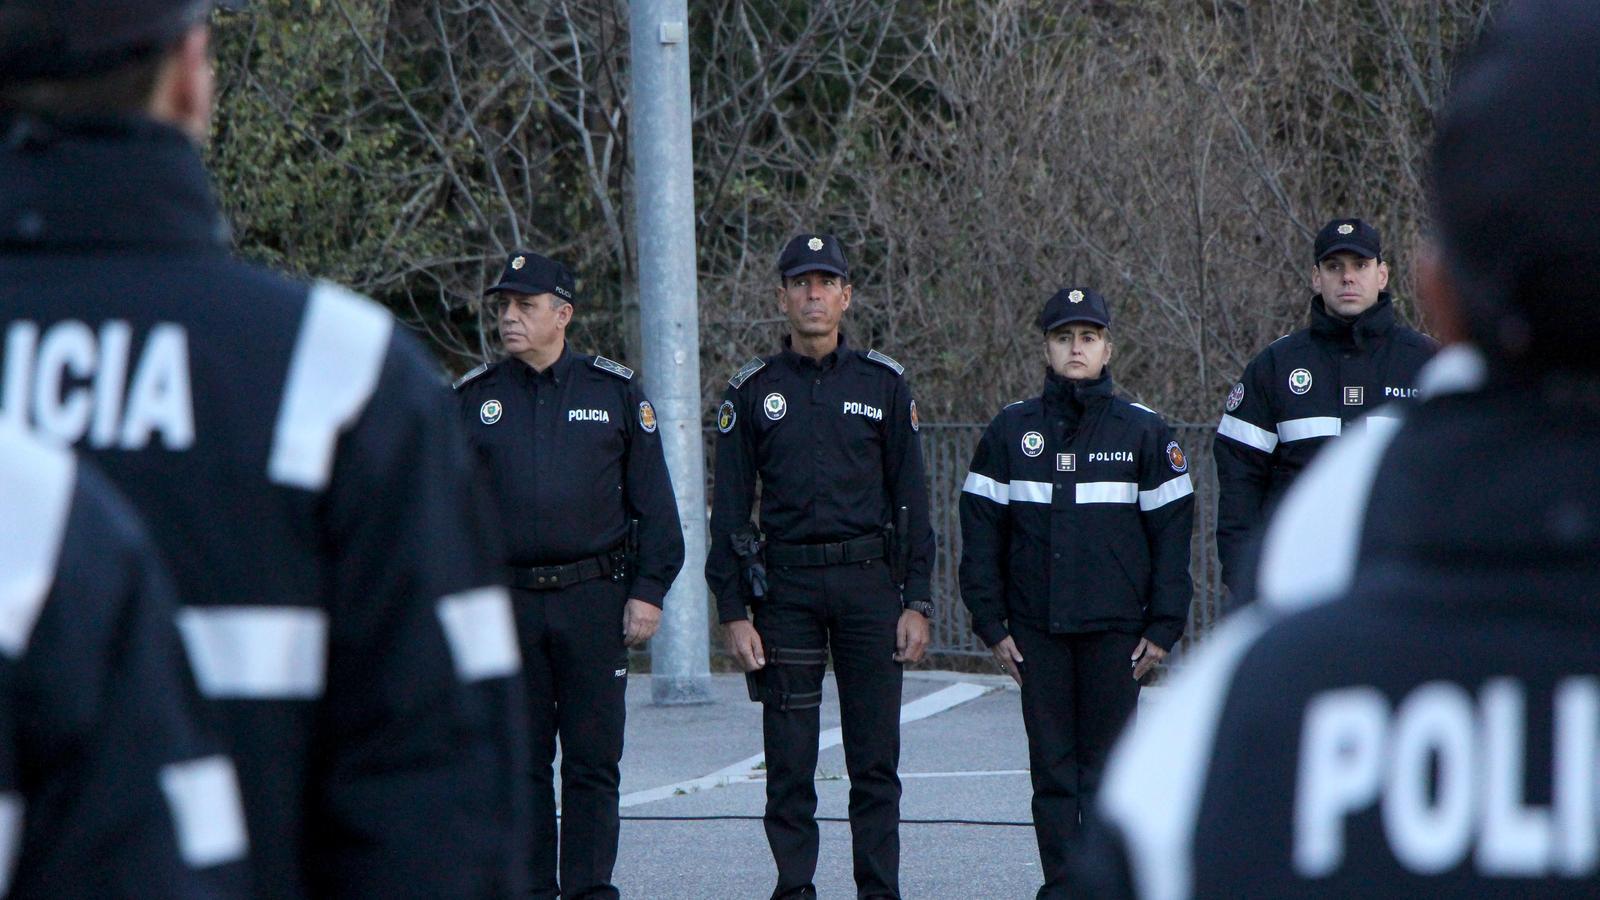 El director del cos, Jordi Moreno, durant la cerimònia d'obertura de la 53a promoció d'agents de policia. / C.G. (ANA)